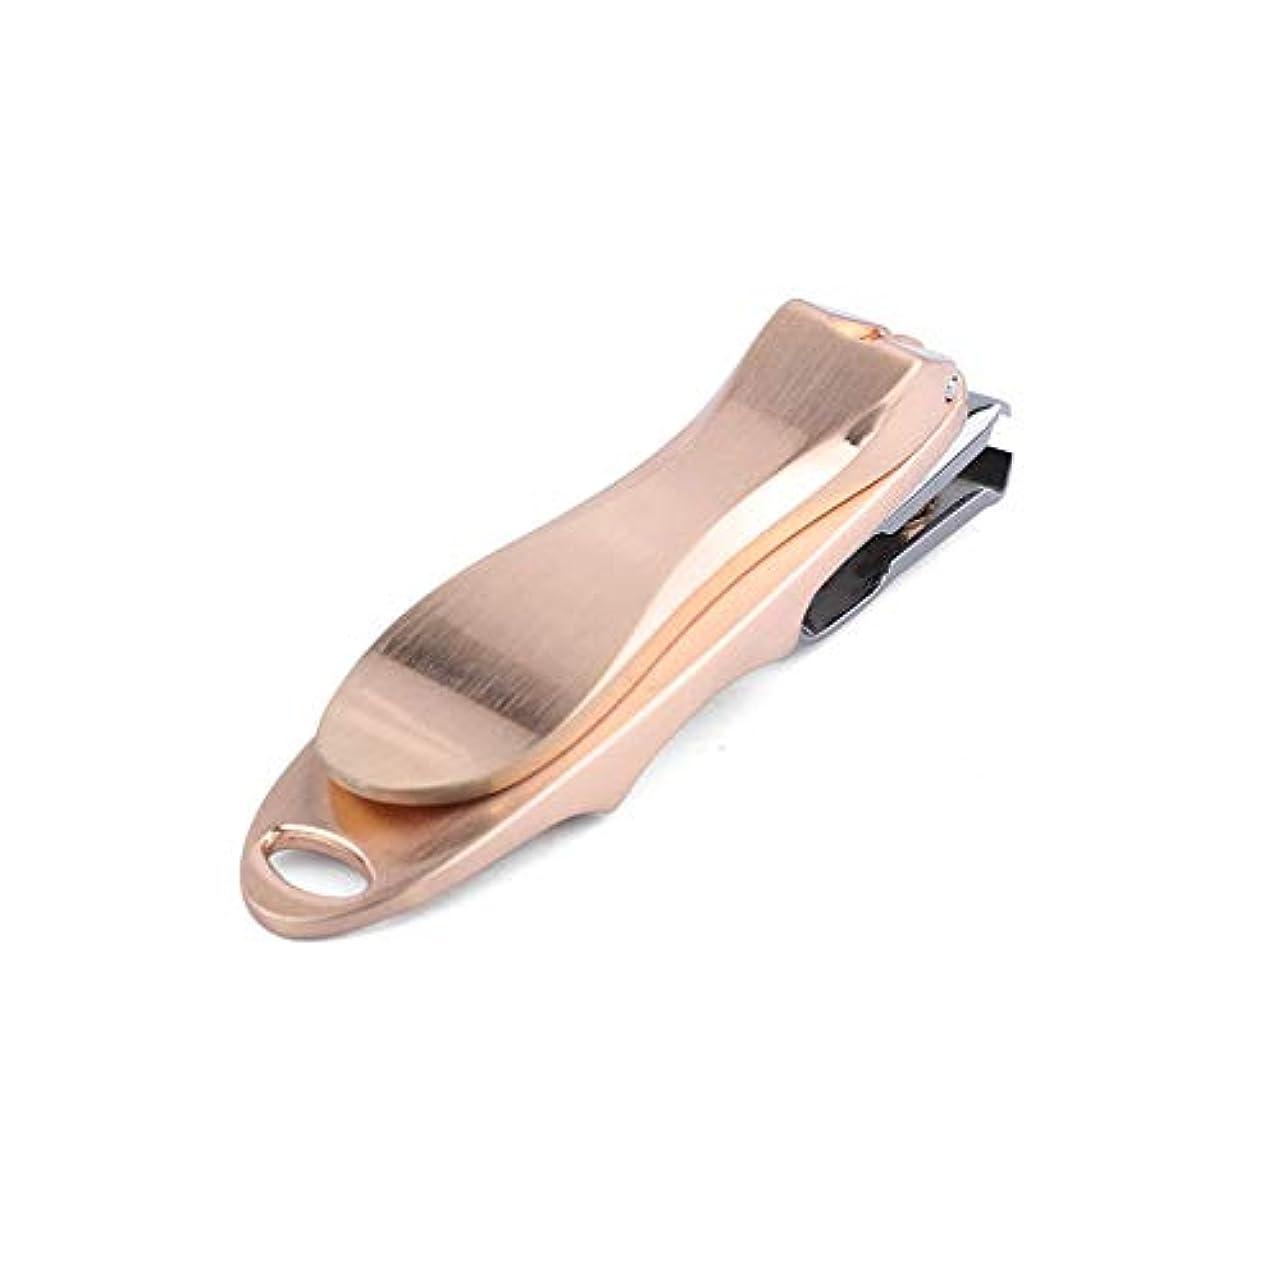 学習電池栄光360度回転爪切り 飛び散らない ステンレス製爪きり高級感溢れる収納ケース付き、ゴールド